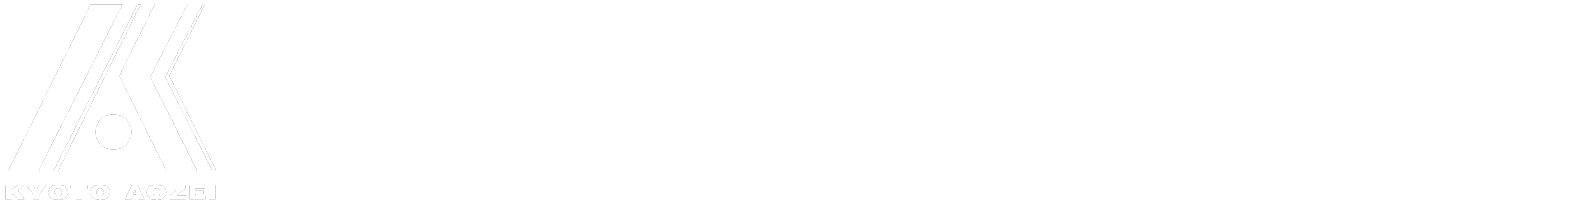 近畿青年税理士連盟京都支部